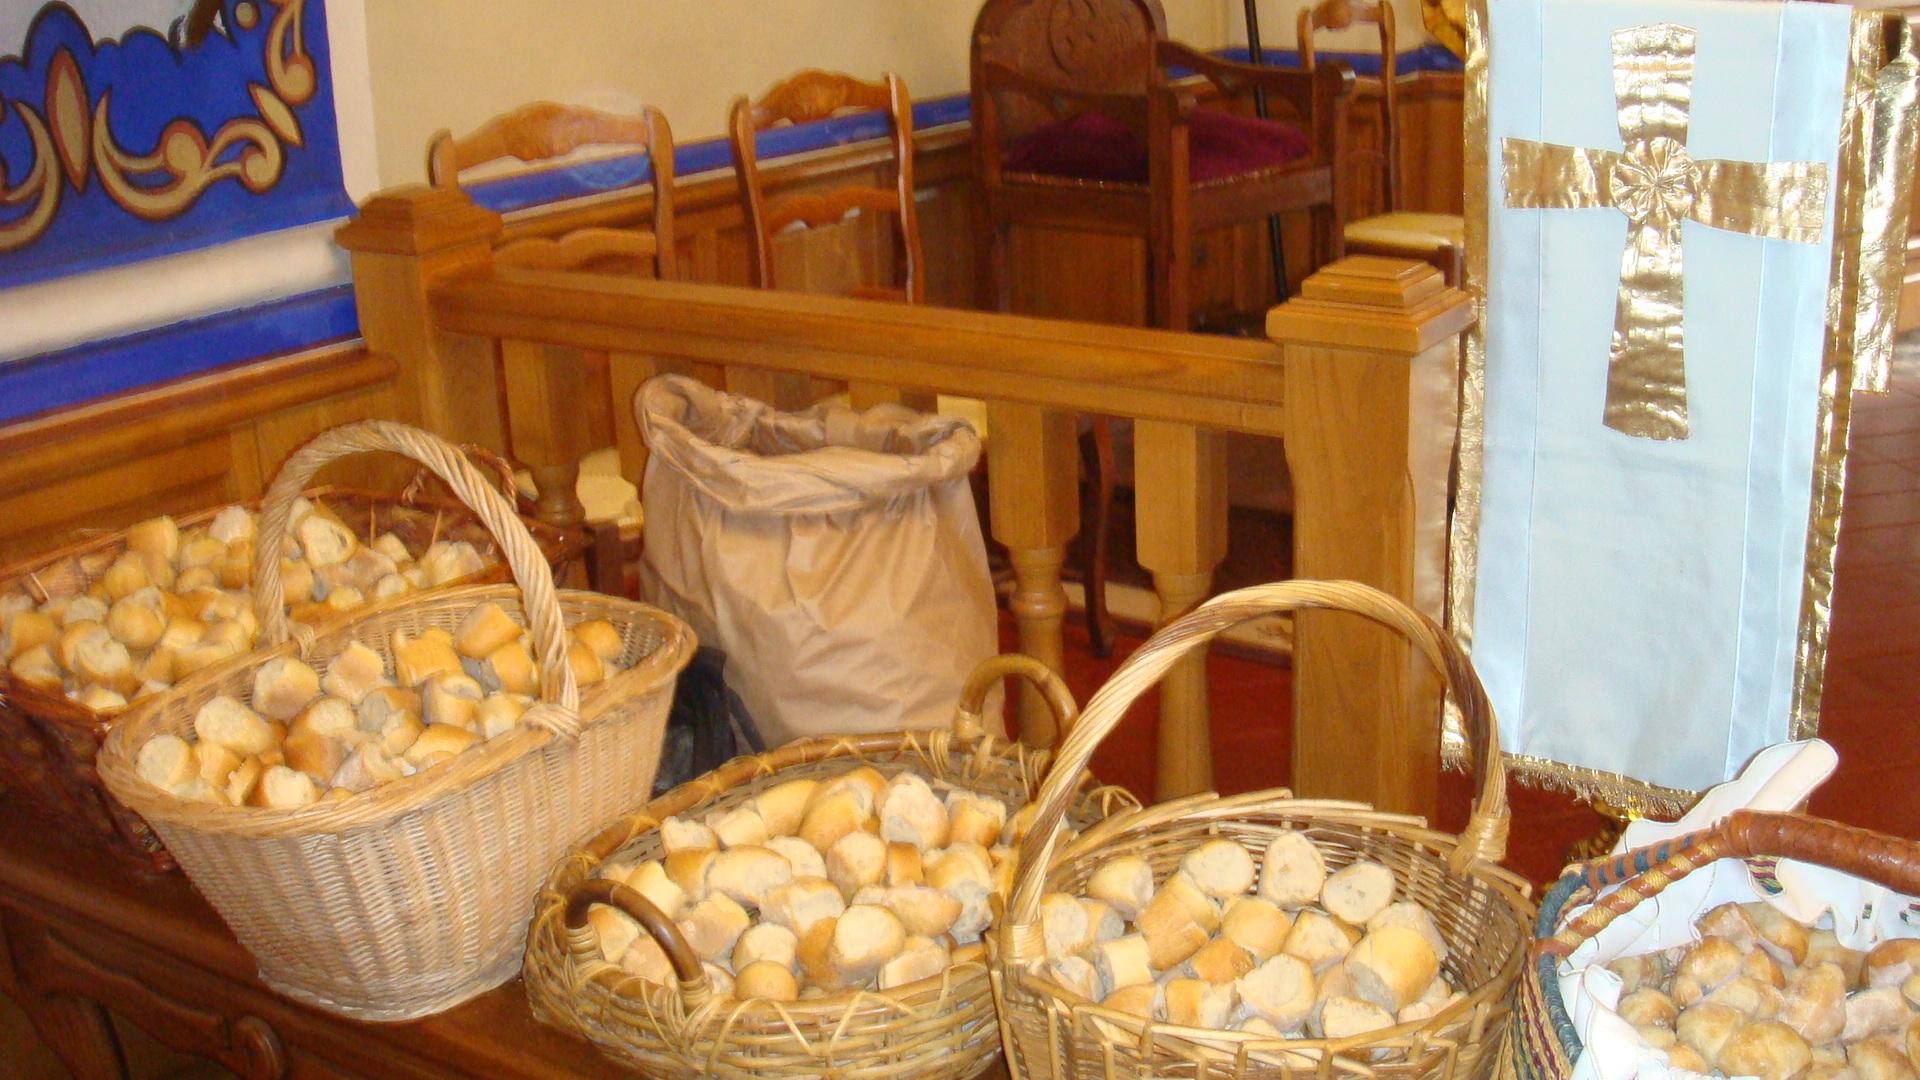 Incarnant le sens du partage prôné par Saint Antoine, les petits pains bénis ont été distribués aux fidèles. (Photo SG).